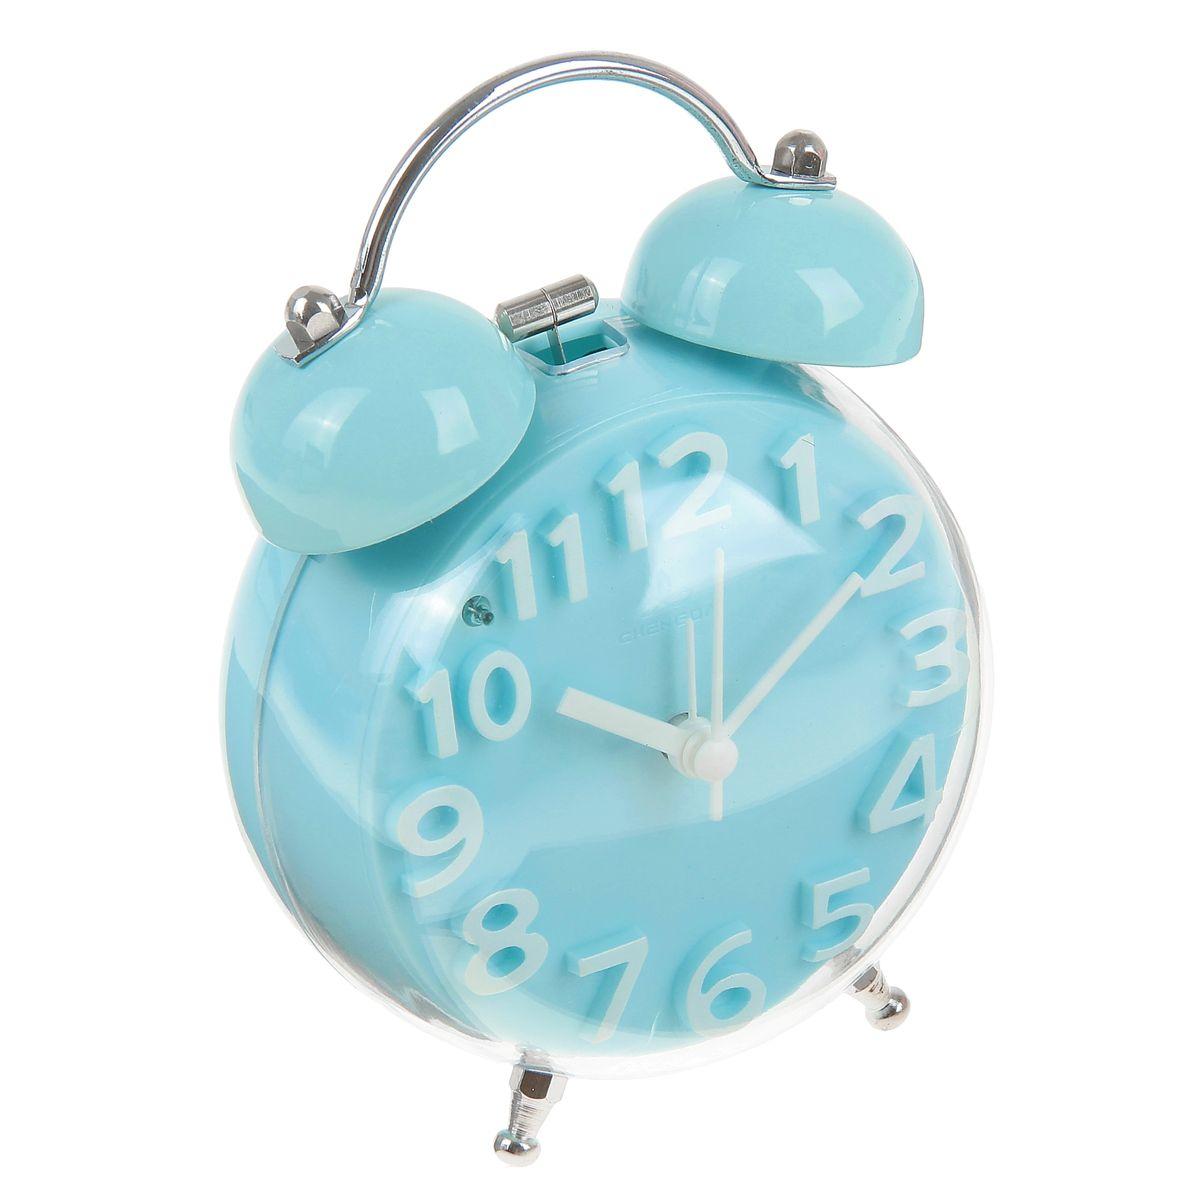 Часы-будильник Sima-land, цвет: голубой. 911447VT-6602(W)Как же сложно иногда вставать вовремя! Всегда так хочется поспать еще хотя бы 5 минут и бывает, что мы просыпаем. Теперь этого не случится! Яркий, оригинальный будильник Sima-land поможет вам всегда вставать в нужное время и успевать везде и всюду.Корпус будильника выполнен из пластика. Циферблат имеет индикацию белыми арабскими цифрами. Часы снабжены 4 стрелками (секундная, минутная, часовая и для будильника). На задней панели будильника расположена кнопка включения/выключения механизма, а также два колесика для настройки текущего времени и времени звонка будильника. Также будильник оснащен кнопкой, при нажатии которой подсвечивается циферблат.Пользоваться будильником очень легко: нужно всего лишь поставить батарейку, настроить точное время и установить время звонка. Необходимо докупить 1 батарейку типа АА (не входит в комплект).